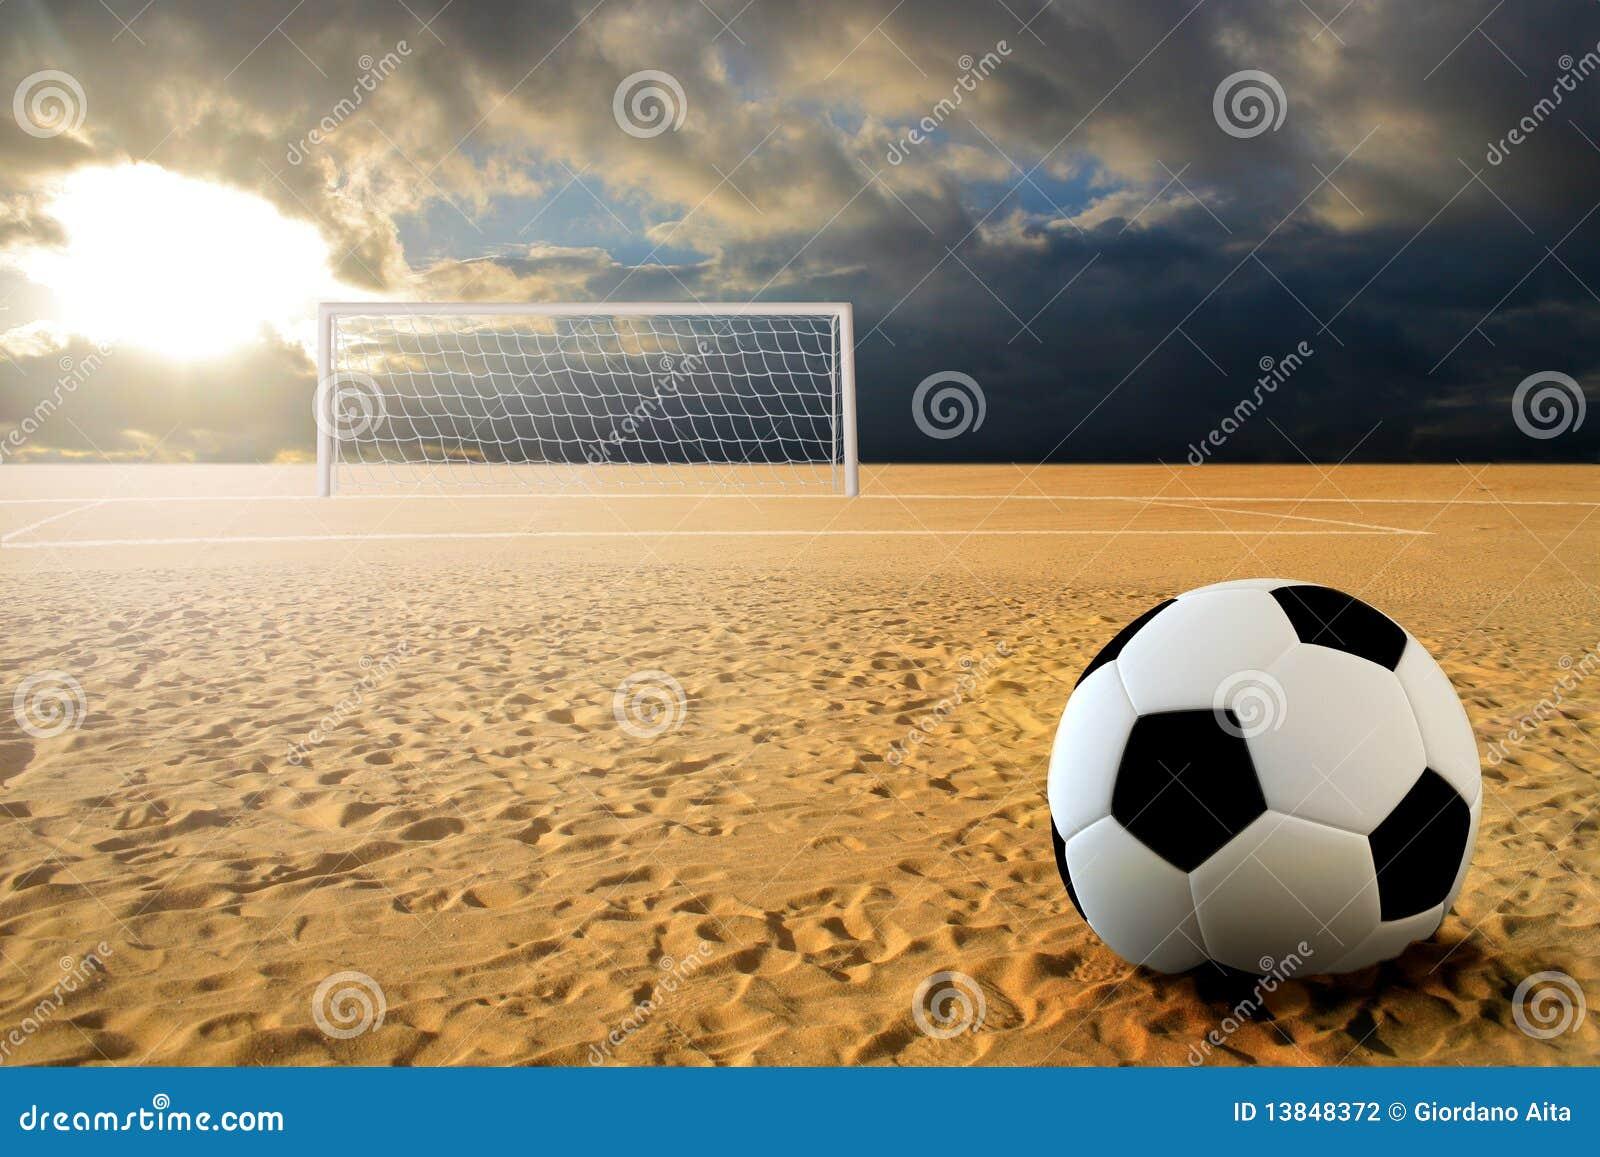 Pontapé de grande penalidade do futebol